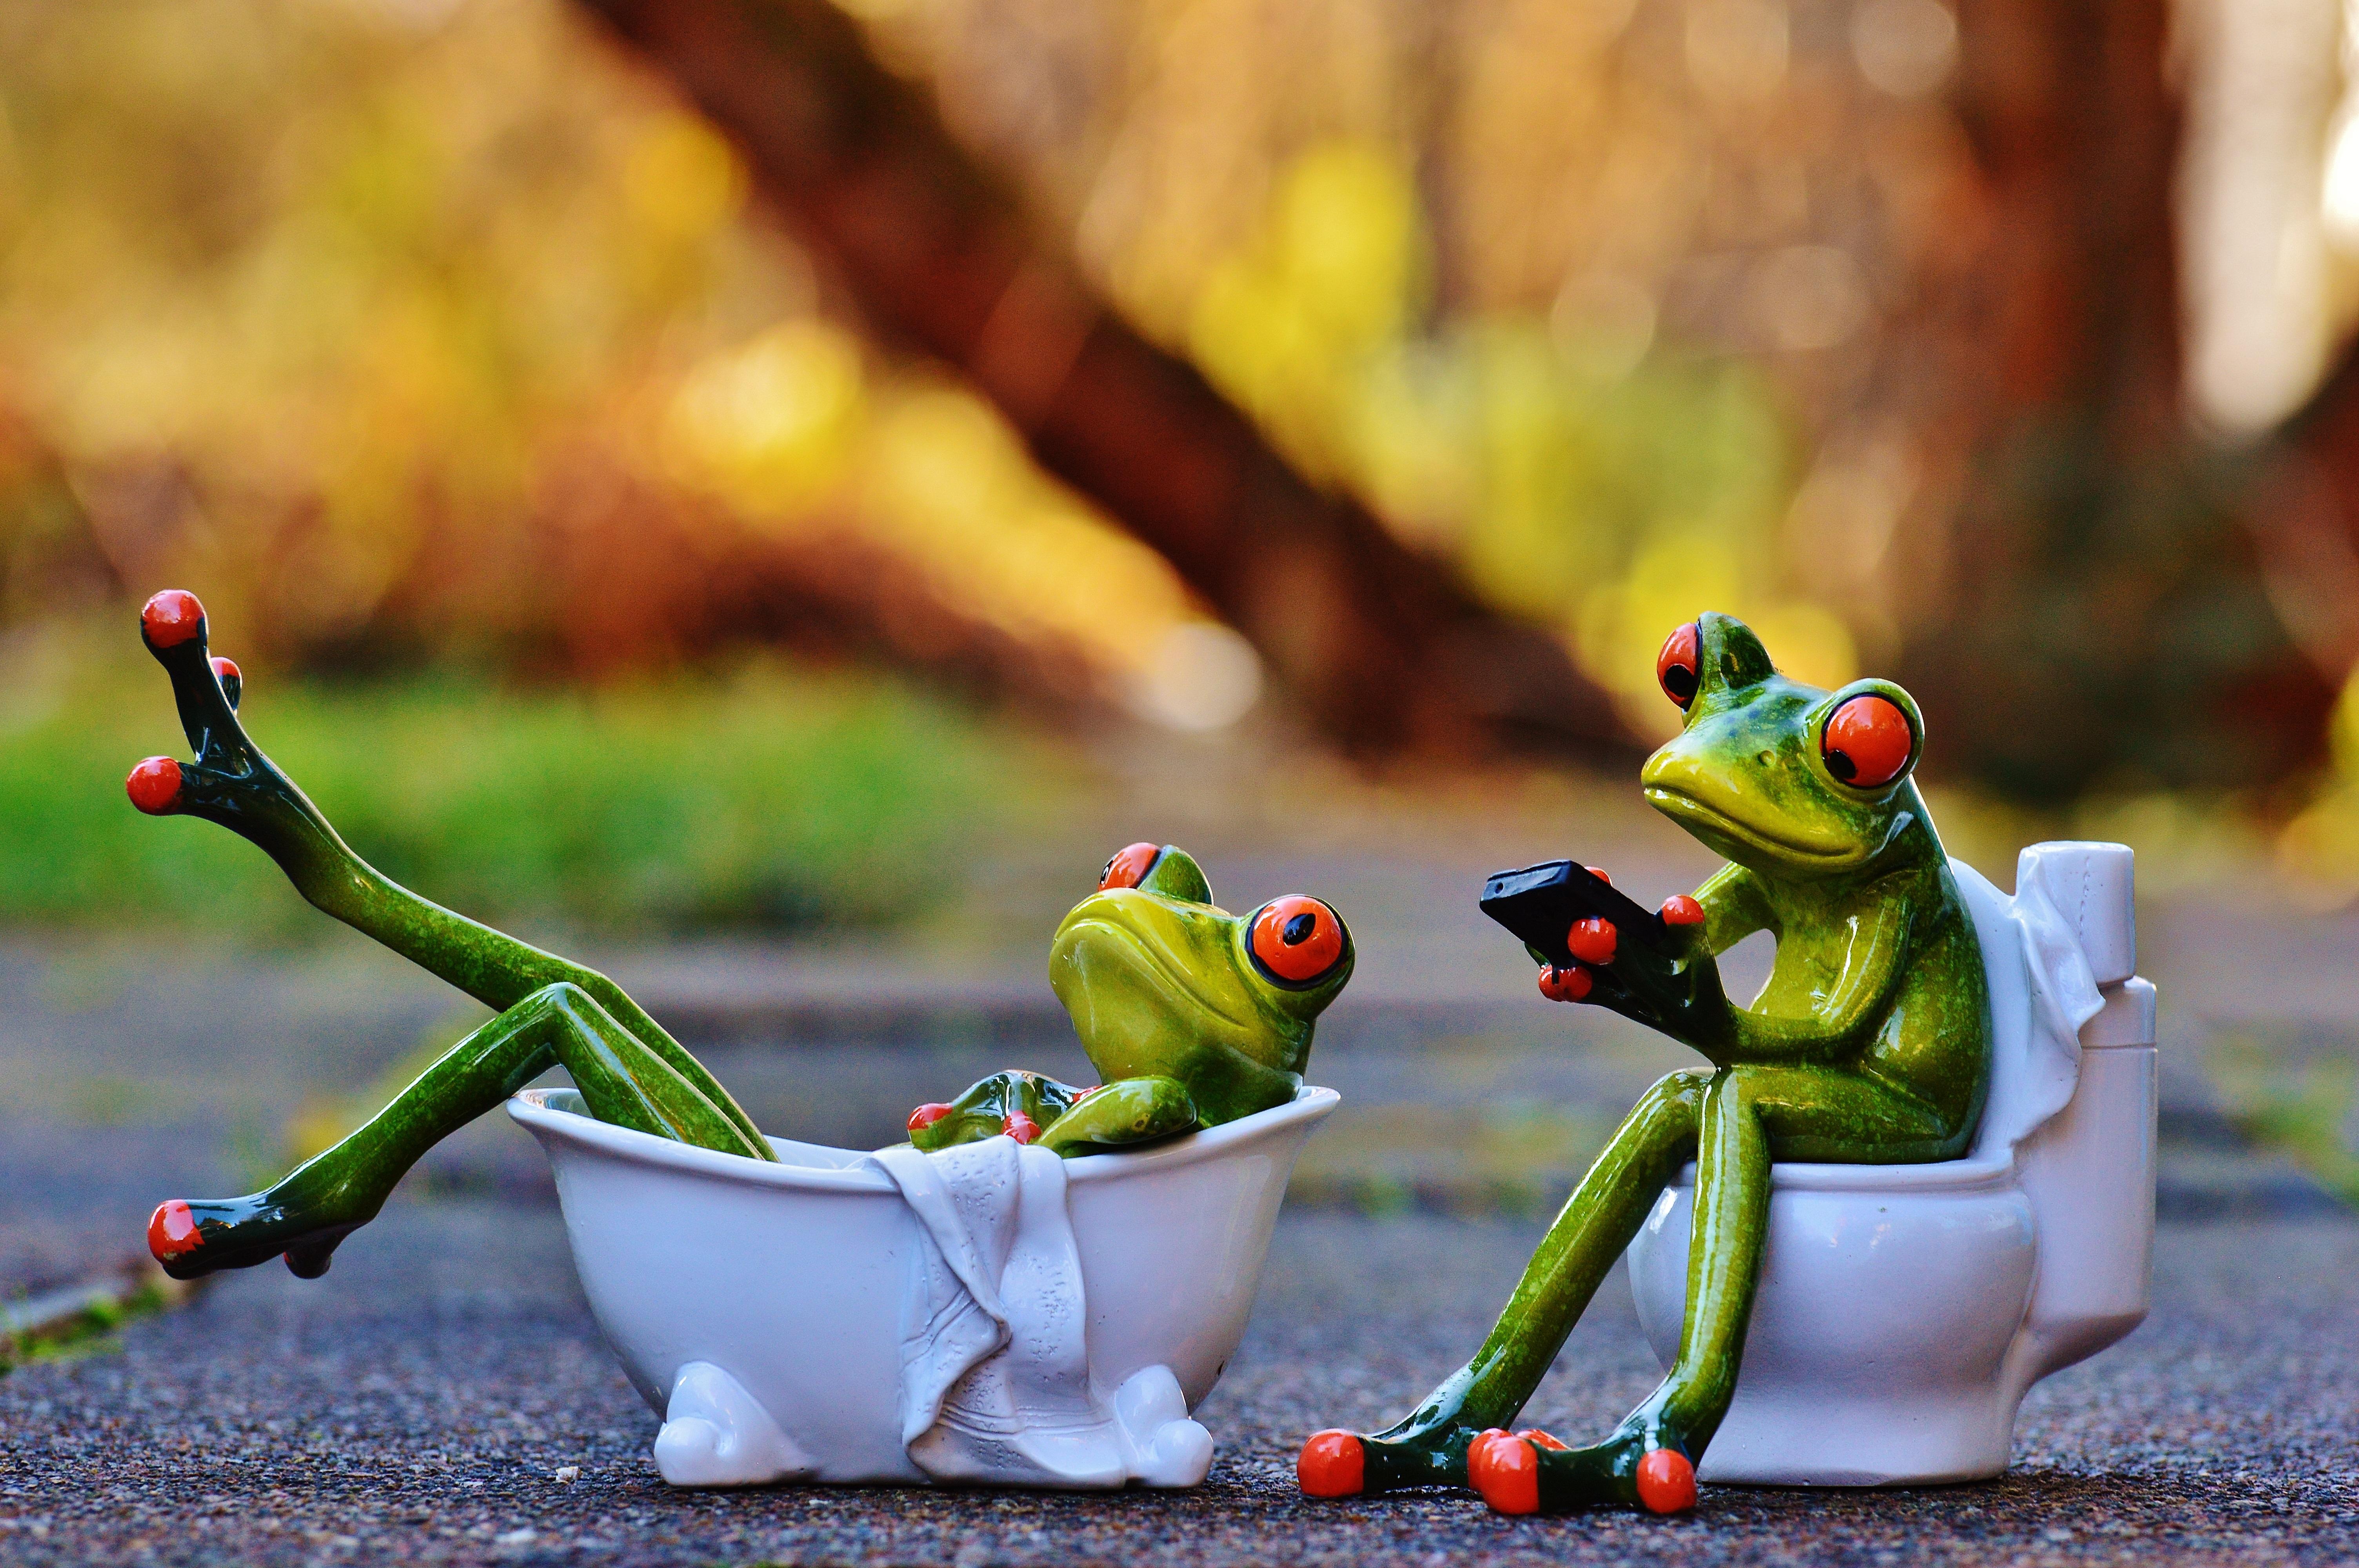 Прикольные картинки с жабами, днем рождения женщинам